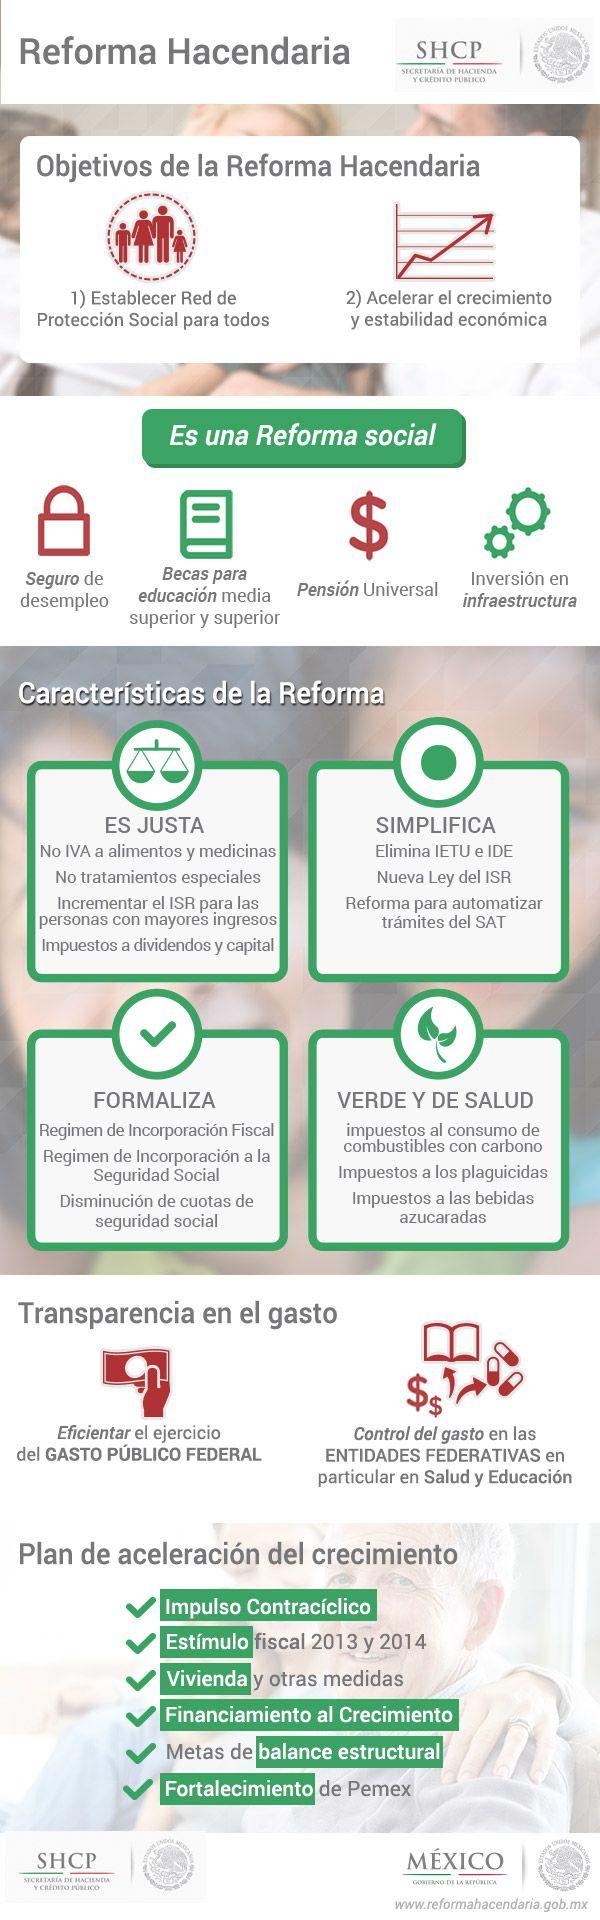 Objetivos de la Reforma Hacendaria.